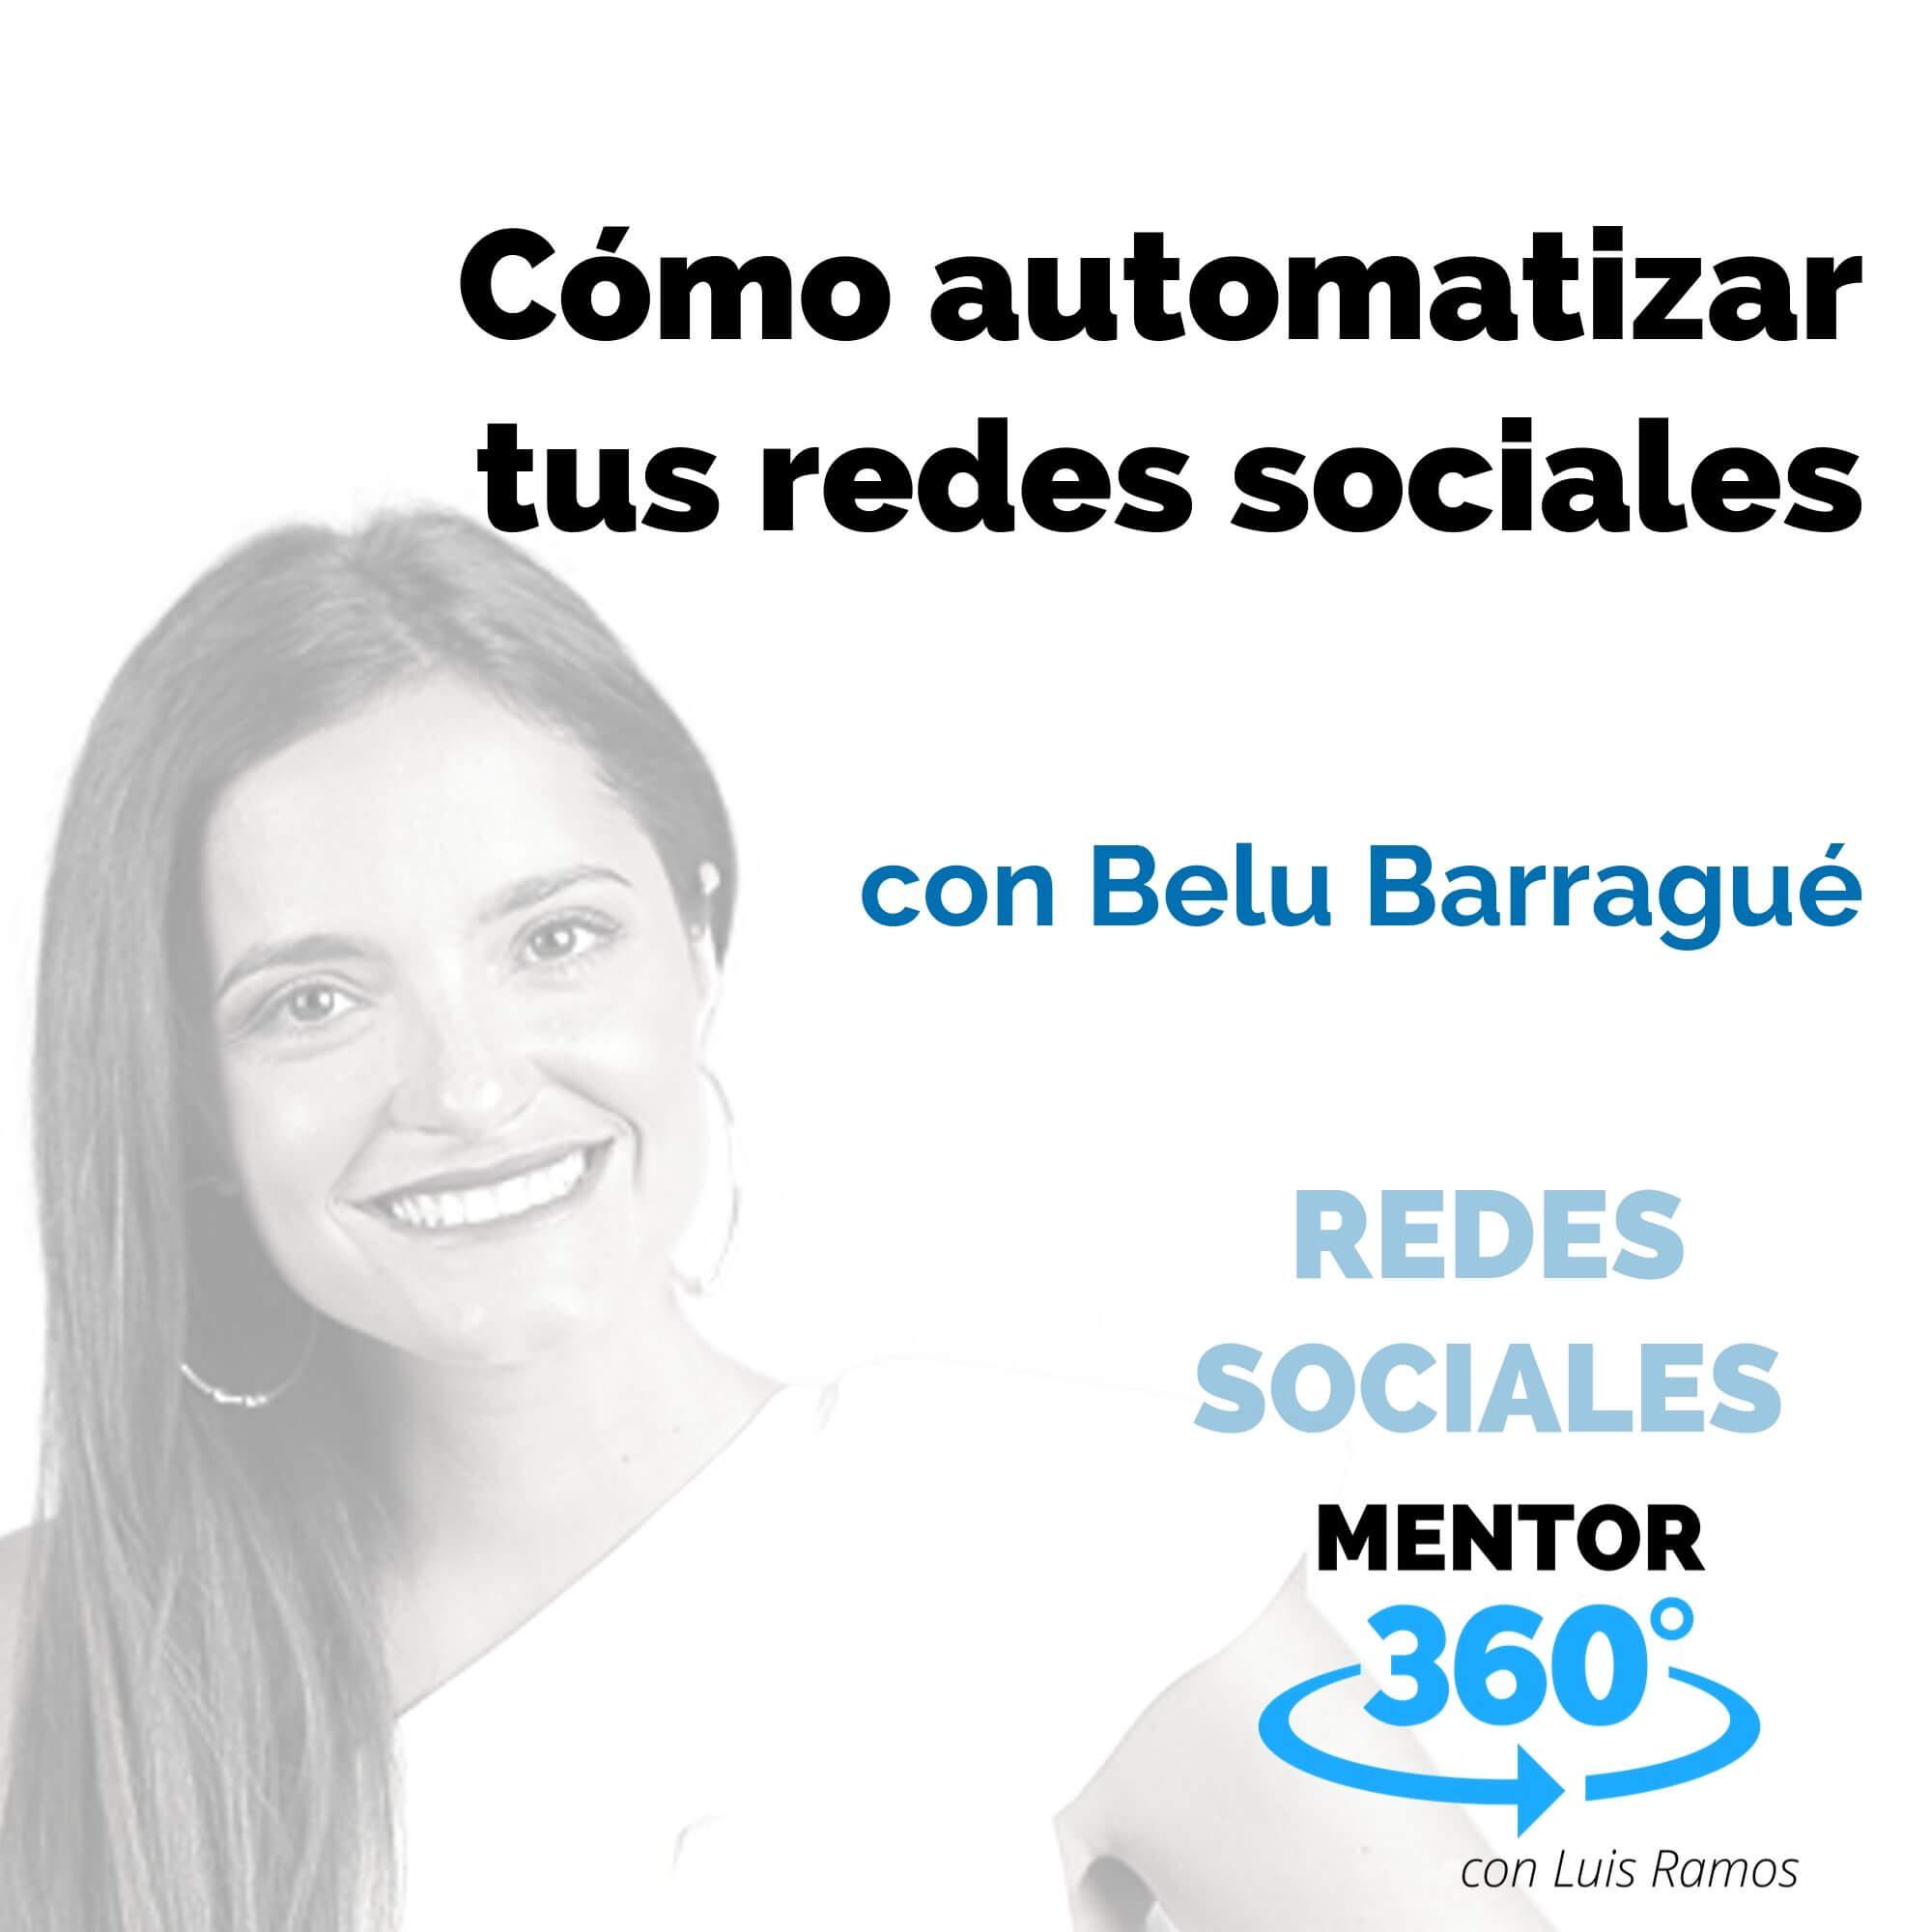 La (nueva) herramienta gratuita para automatizar tus redes sociales, con Belu Barragué - REDES SOCIALES